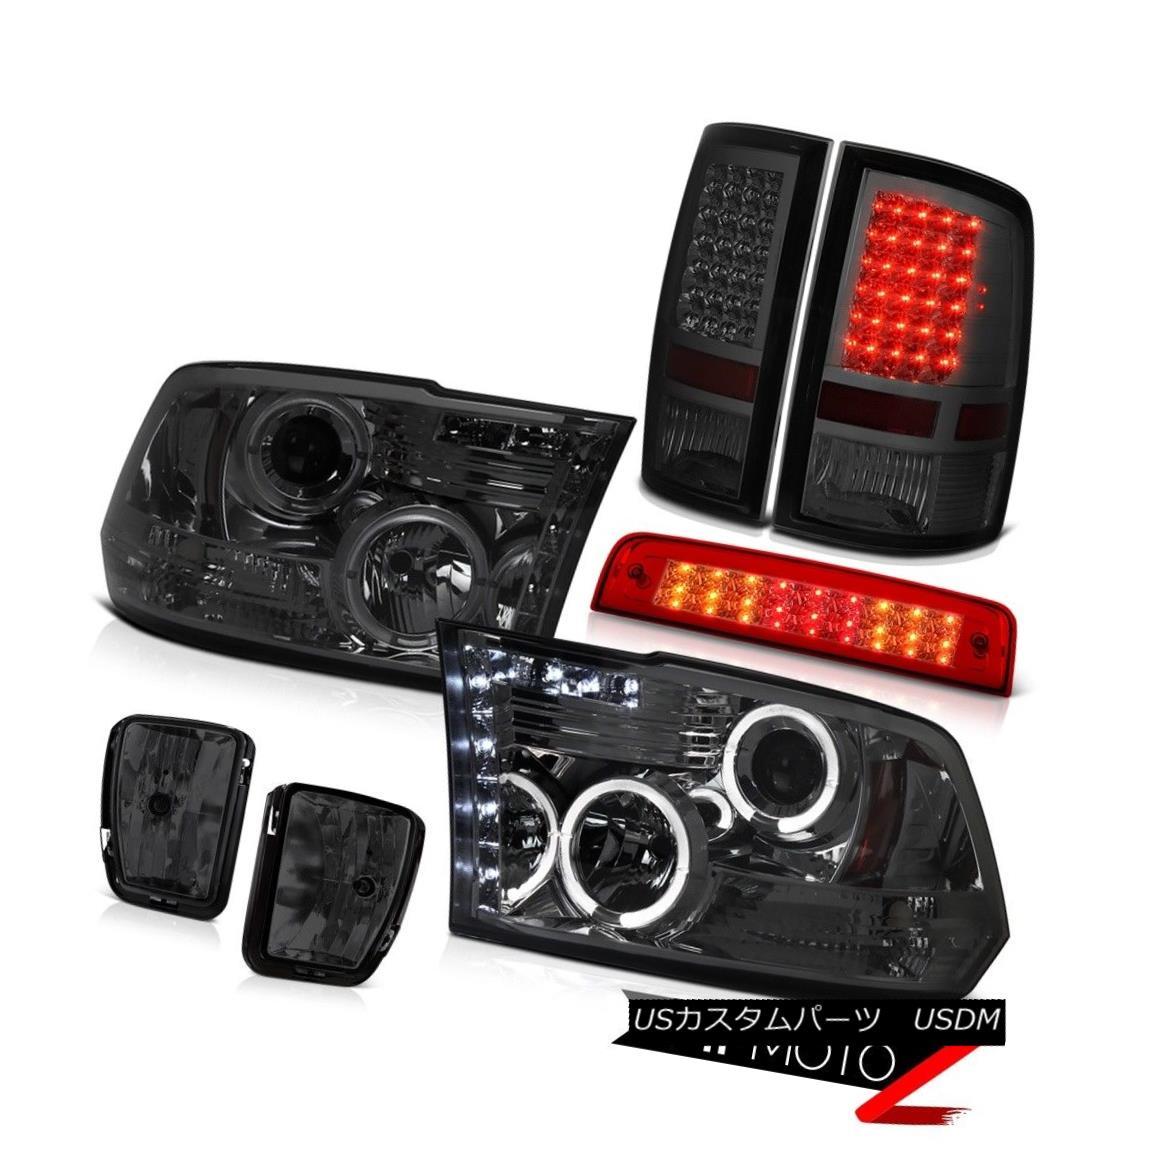 テールライト 13-18 Ram 1500 Lone Star Red 3RD Brake Lamp Smokey Foglamps Taillights Headlamps 13-18ラム1500ローンスターレッド3RDブレーキランプスモーキーフォグライトテールライトヘッドランプ